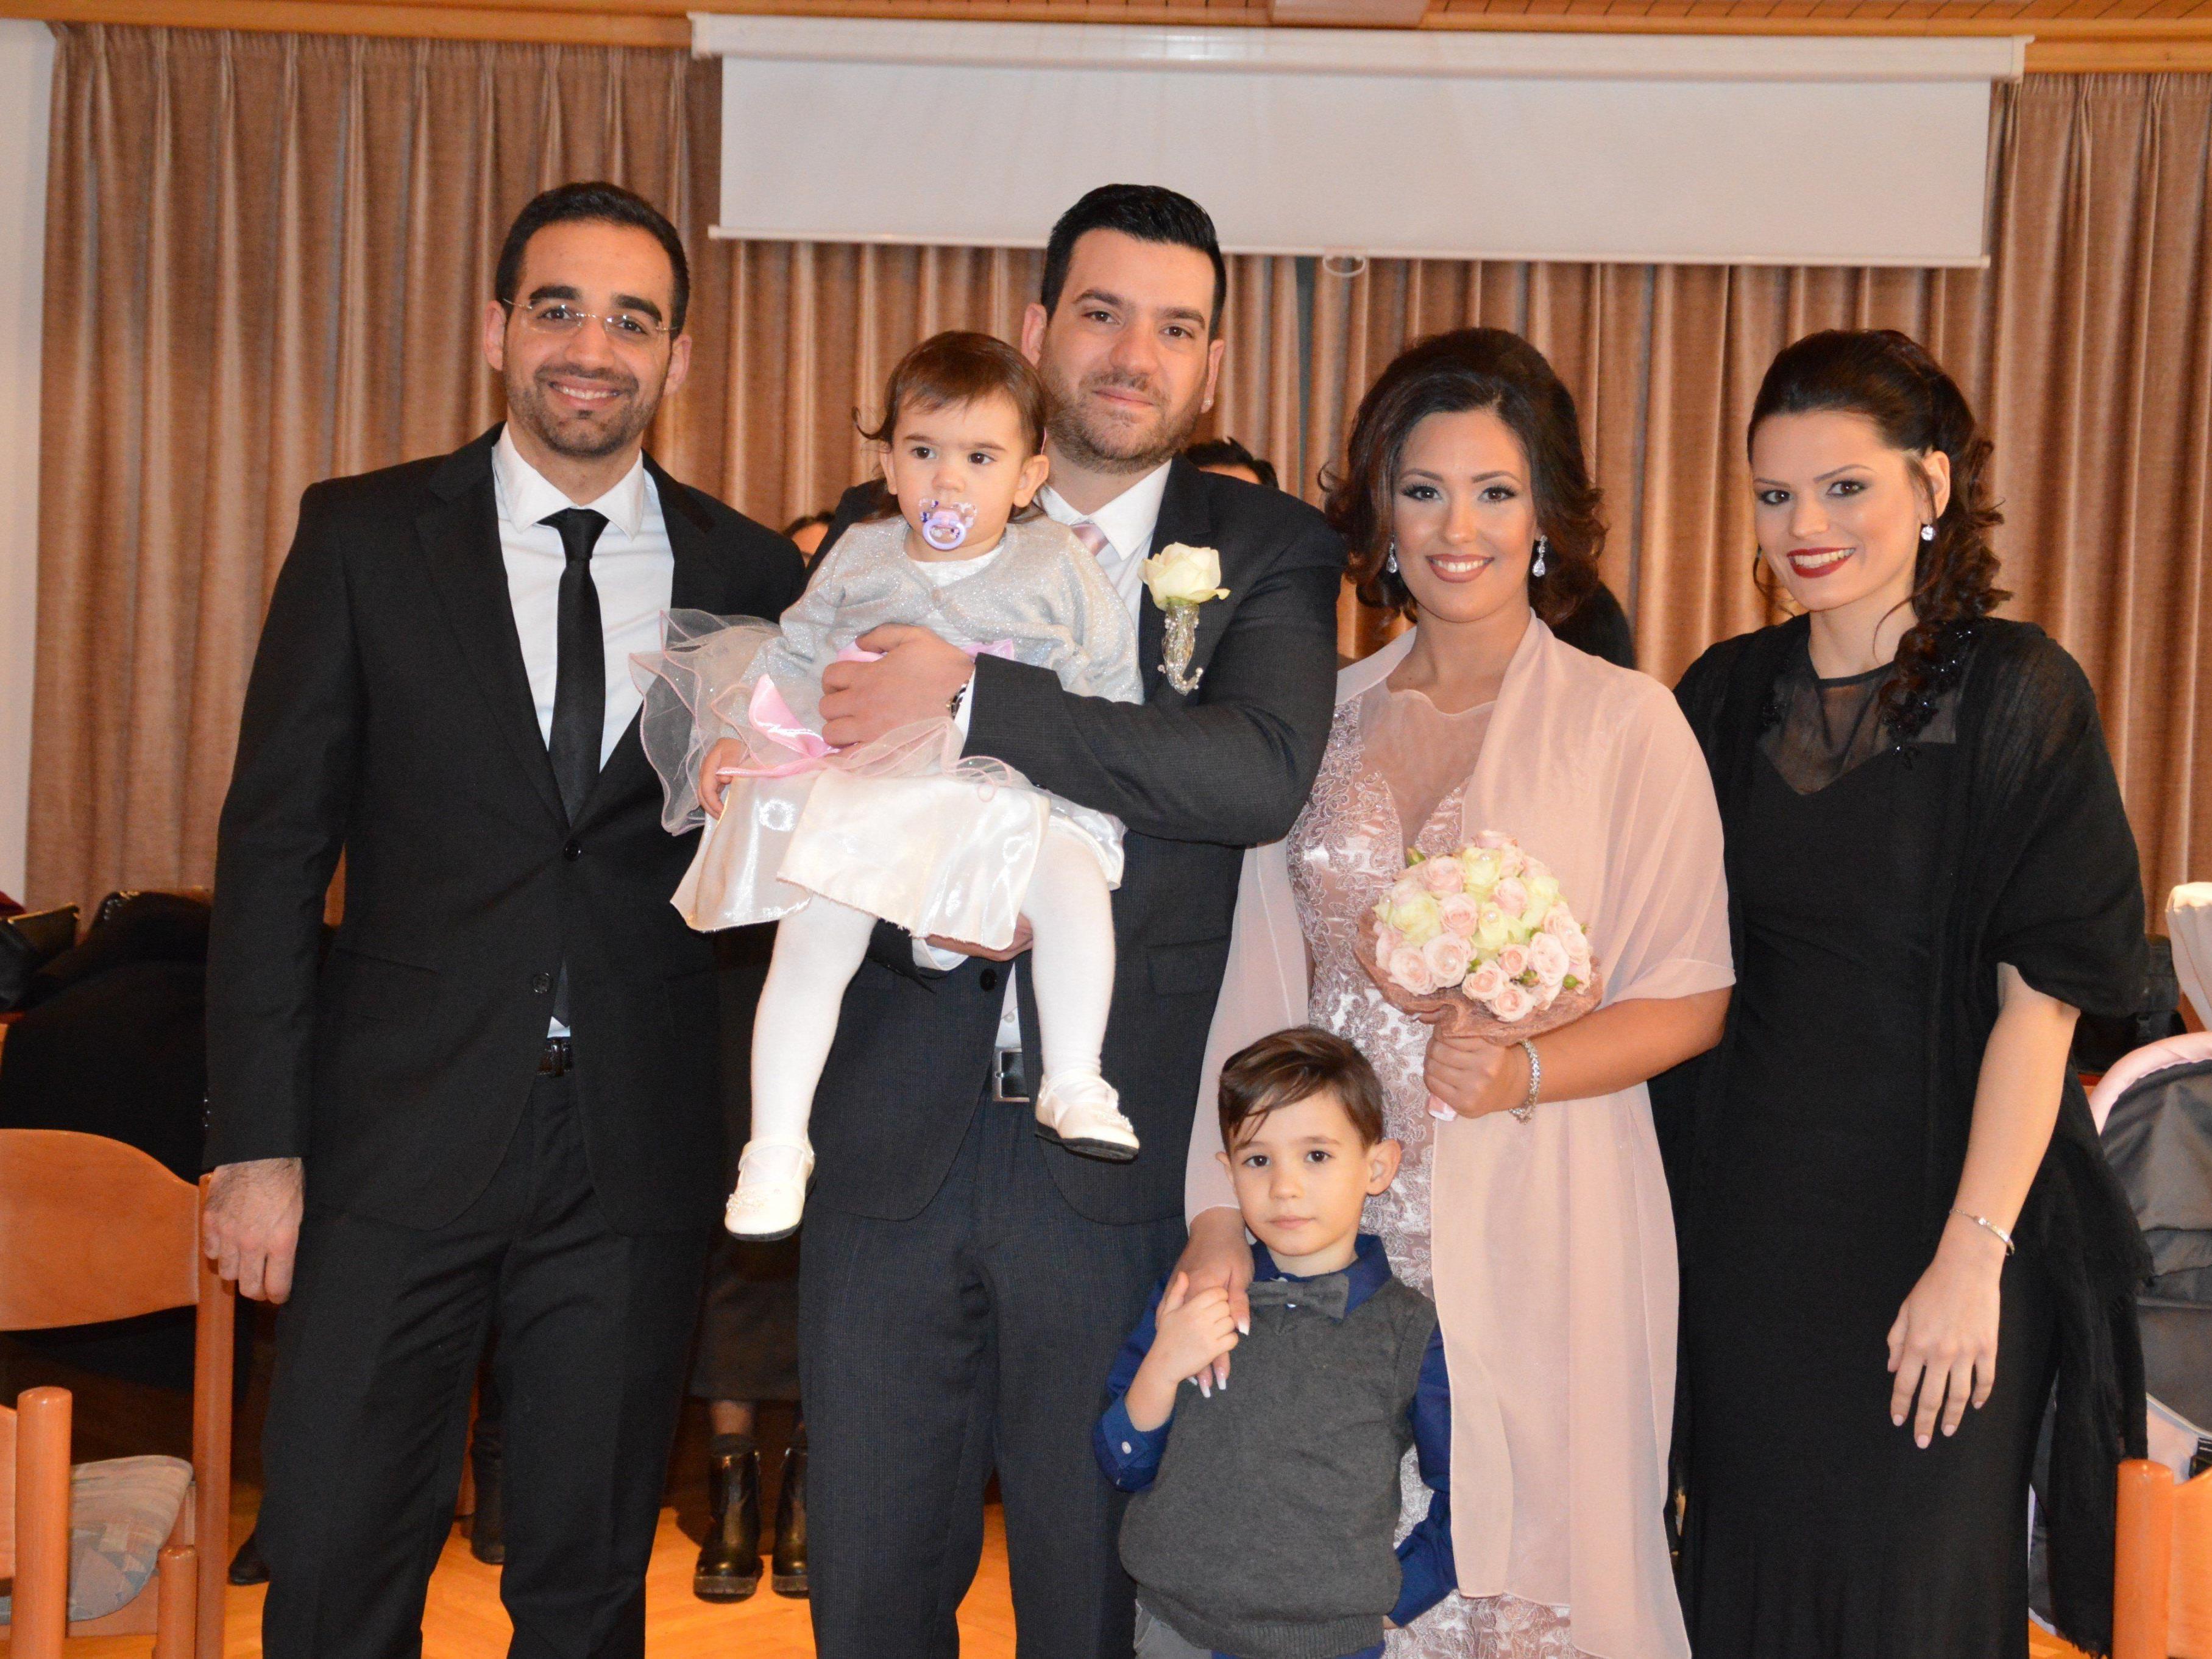 Sabrina Donadeo und Guiseppe Capo haben geheiratet